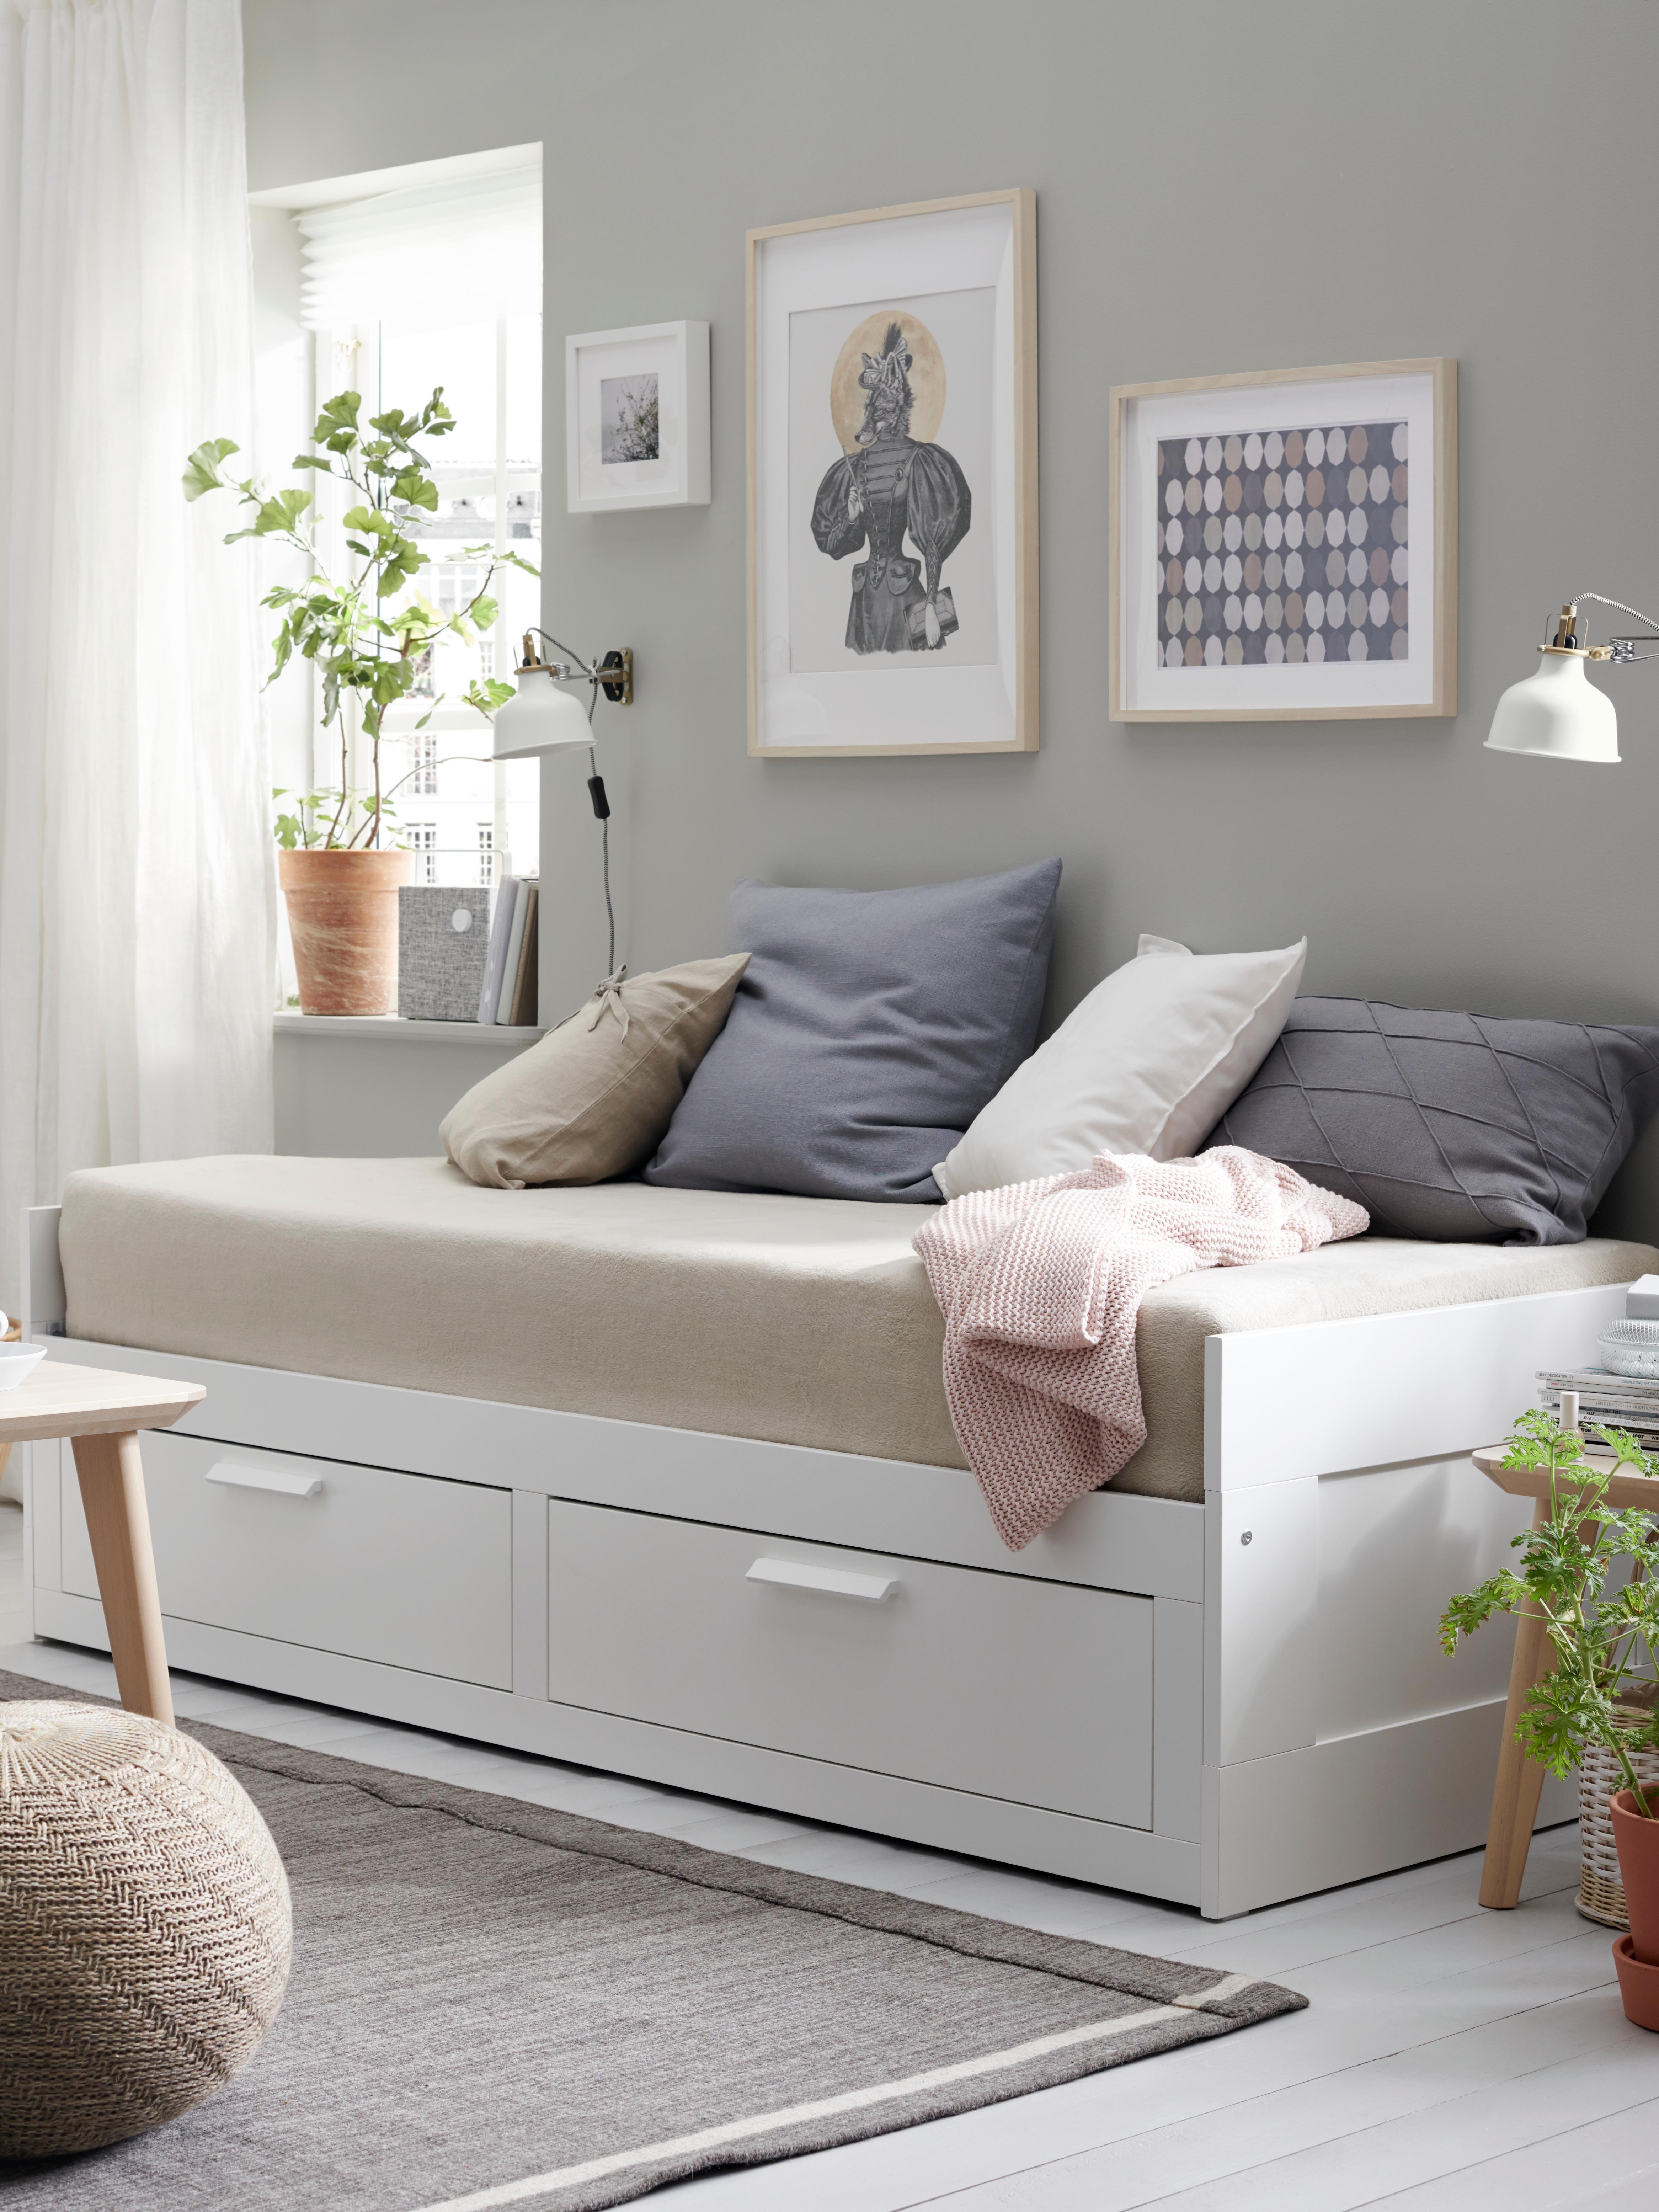 Letto divano BRIMNES bianco con due cassetti, accostato a una parete, con una copertura beige su entrambi i materassi.